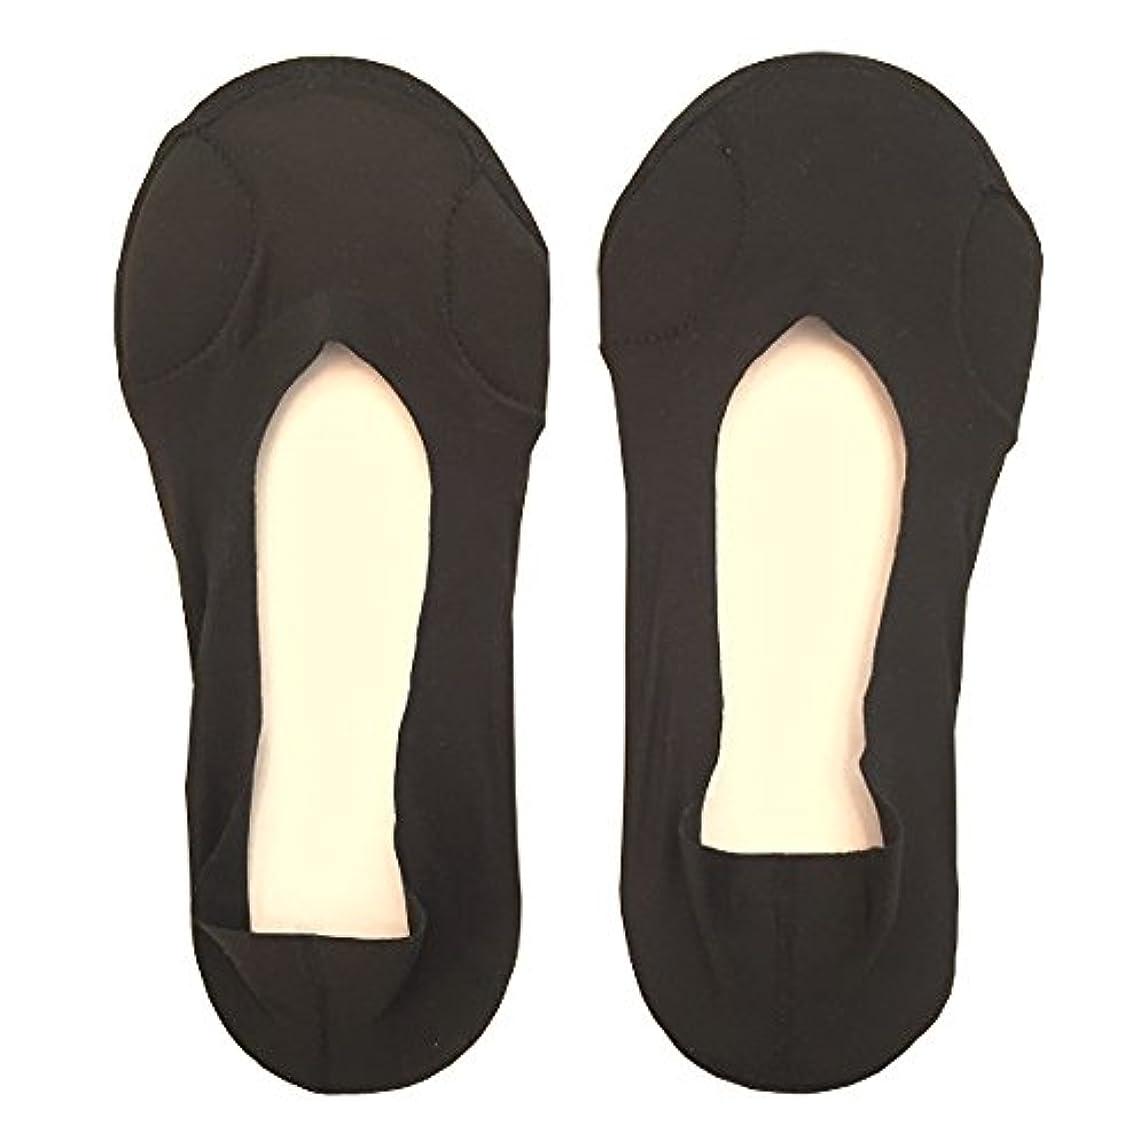 事実セラフ超高層ビルDrScholl(ドクターショール)靴ずれ防止フットカバー 指両側クッション付き 8805DR-07 ブラック